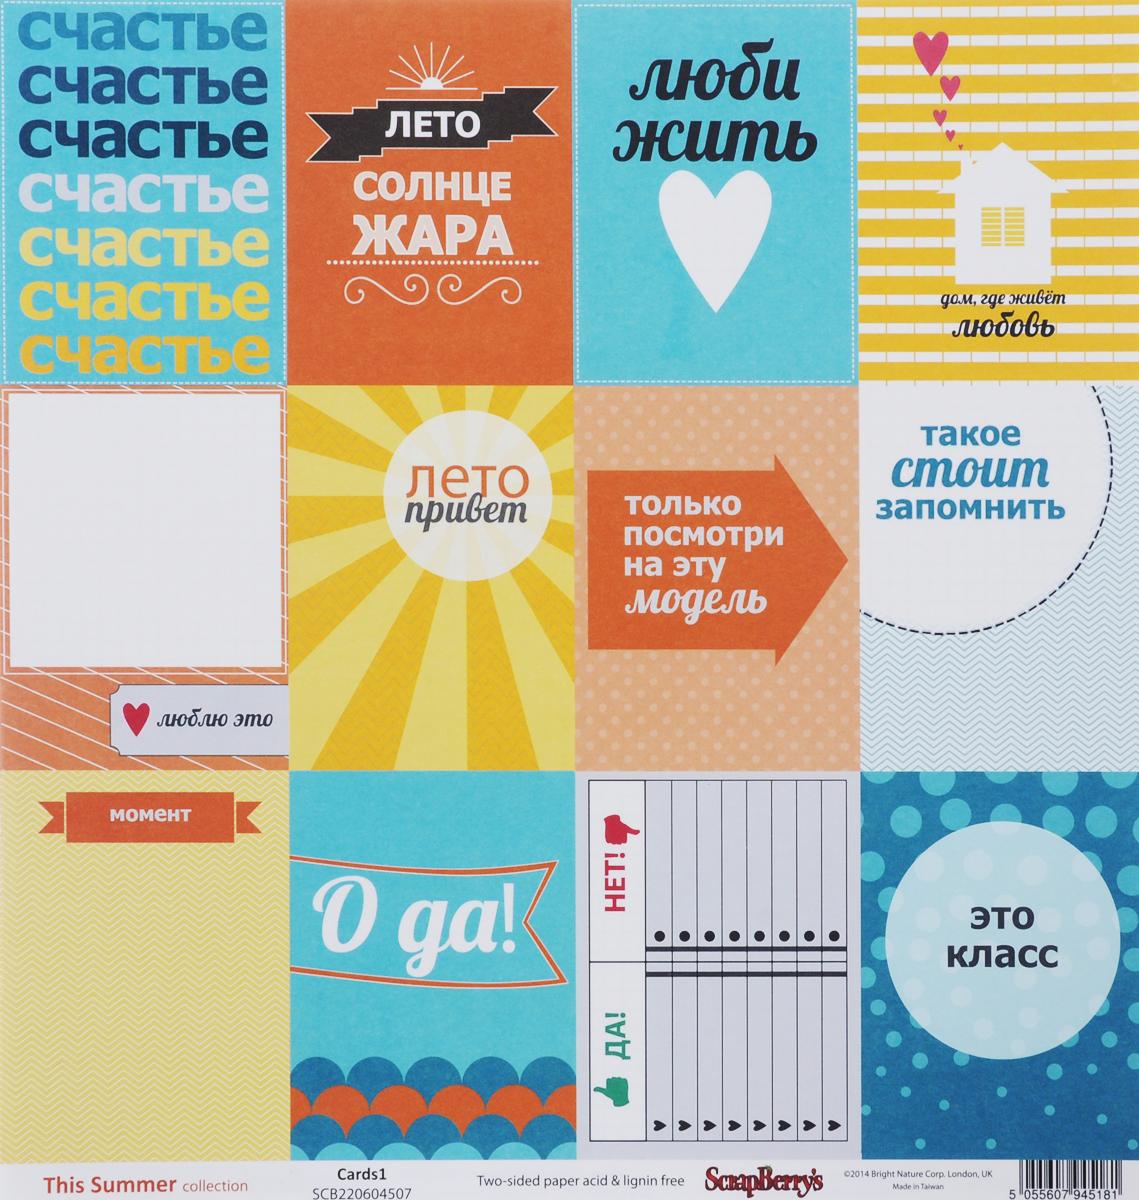 Бумага для скрапбукинга ScrapBerrys Летние карточки, 30,5 х 30,5 см, 10 листовSCB220604507Бумага для скрапбукинга ScrapBerrys Летние карточки позволит создать красивый альбом, фоторамку или открытку ручной работы, оформить подарок или аппликацию. Набор включает в себя 10 листов из плотной бумаги с односторонней печатью. Бумага не содержит кислоты и лигнина. Скрапбукинг - это хобби, которое способно приносить массу приятных эмоций не только человеку, который этим занимается, но и его близким, друзьям, родным. Это невероятно увлекательное занятие, которое поможет вам сохранить наиболее памятные и яркие моменты вашей жизни, а также интересно оформить интерьер дома. Размер листа: 30,5 х 30,5 см.